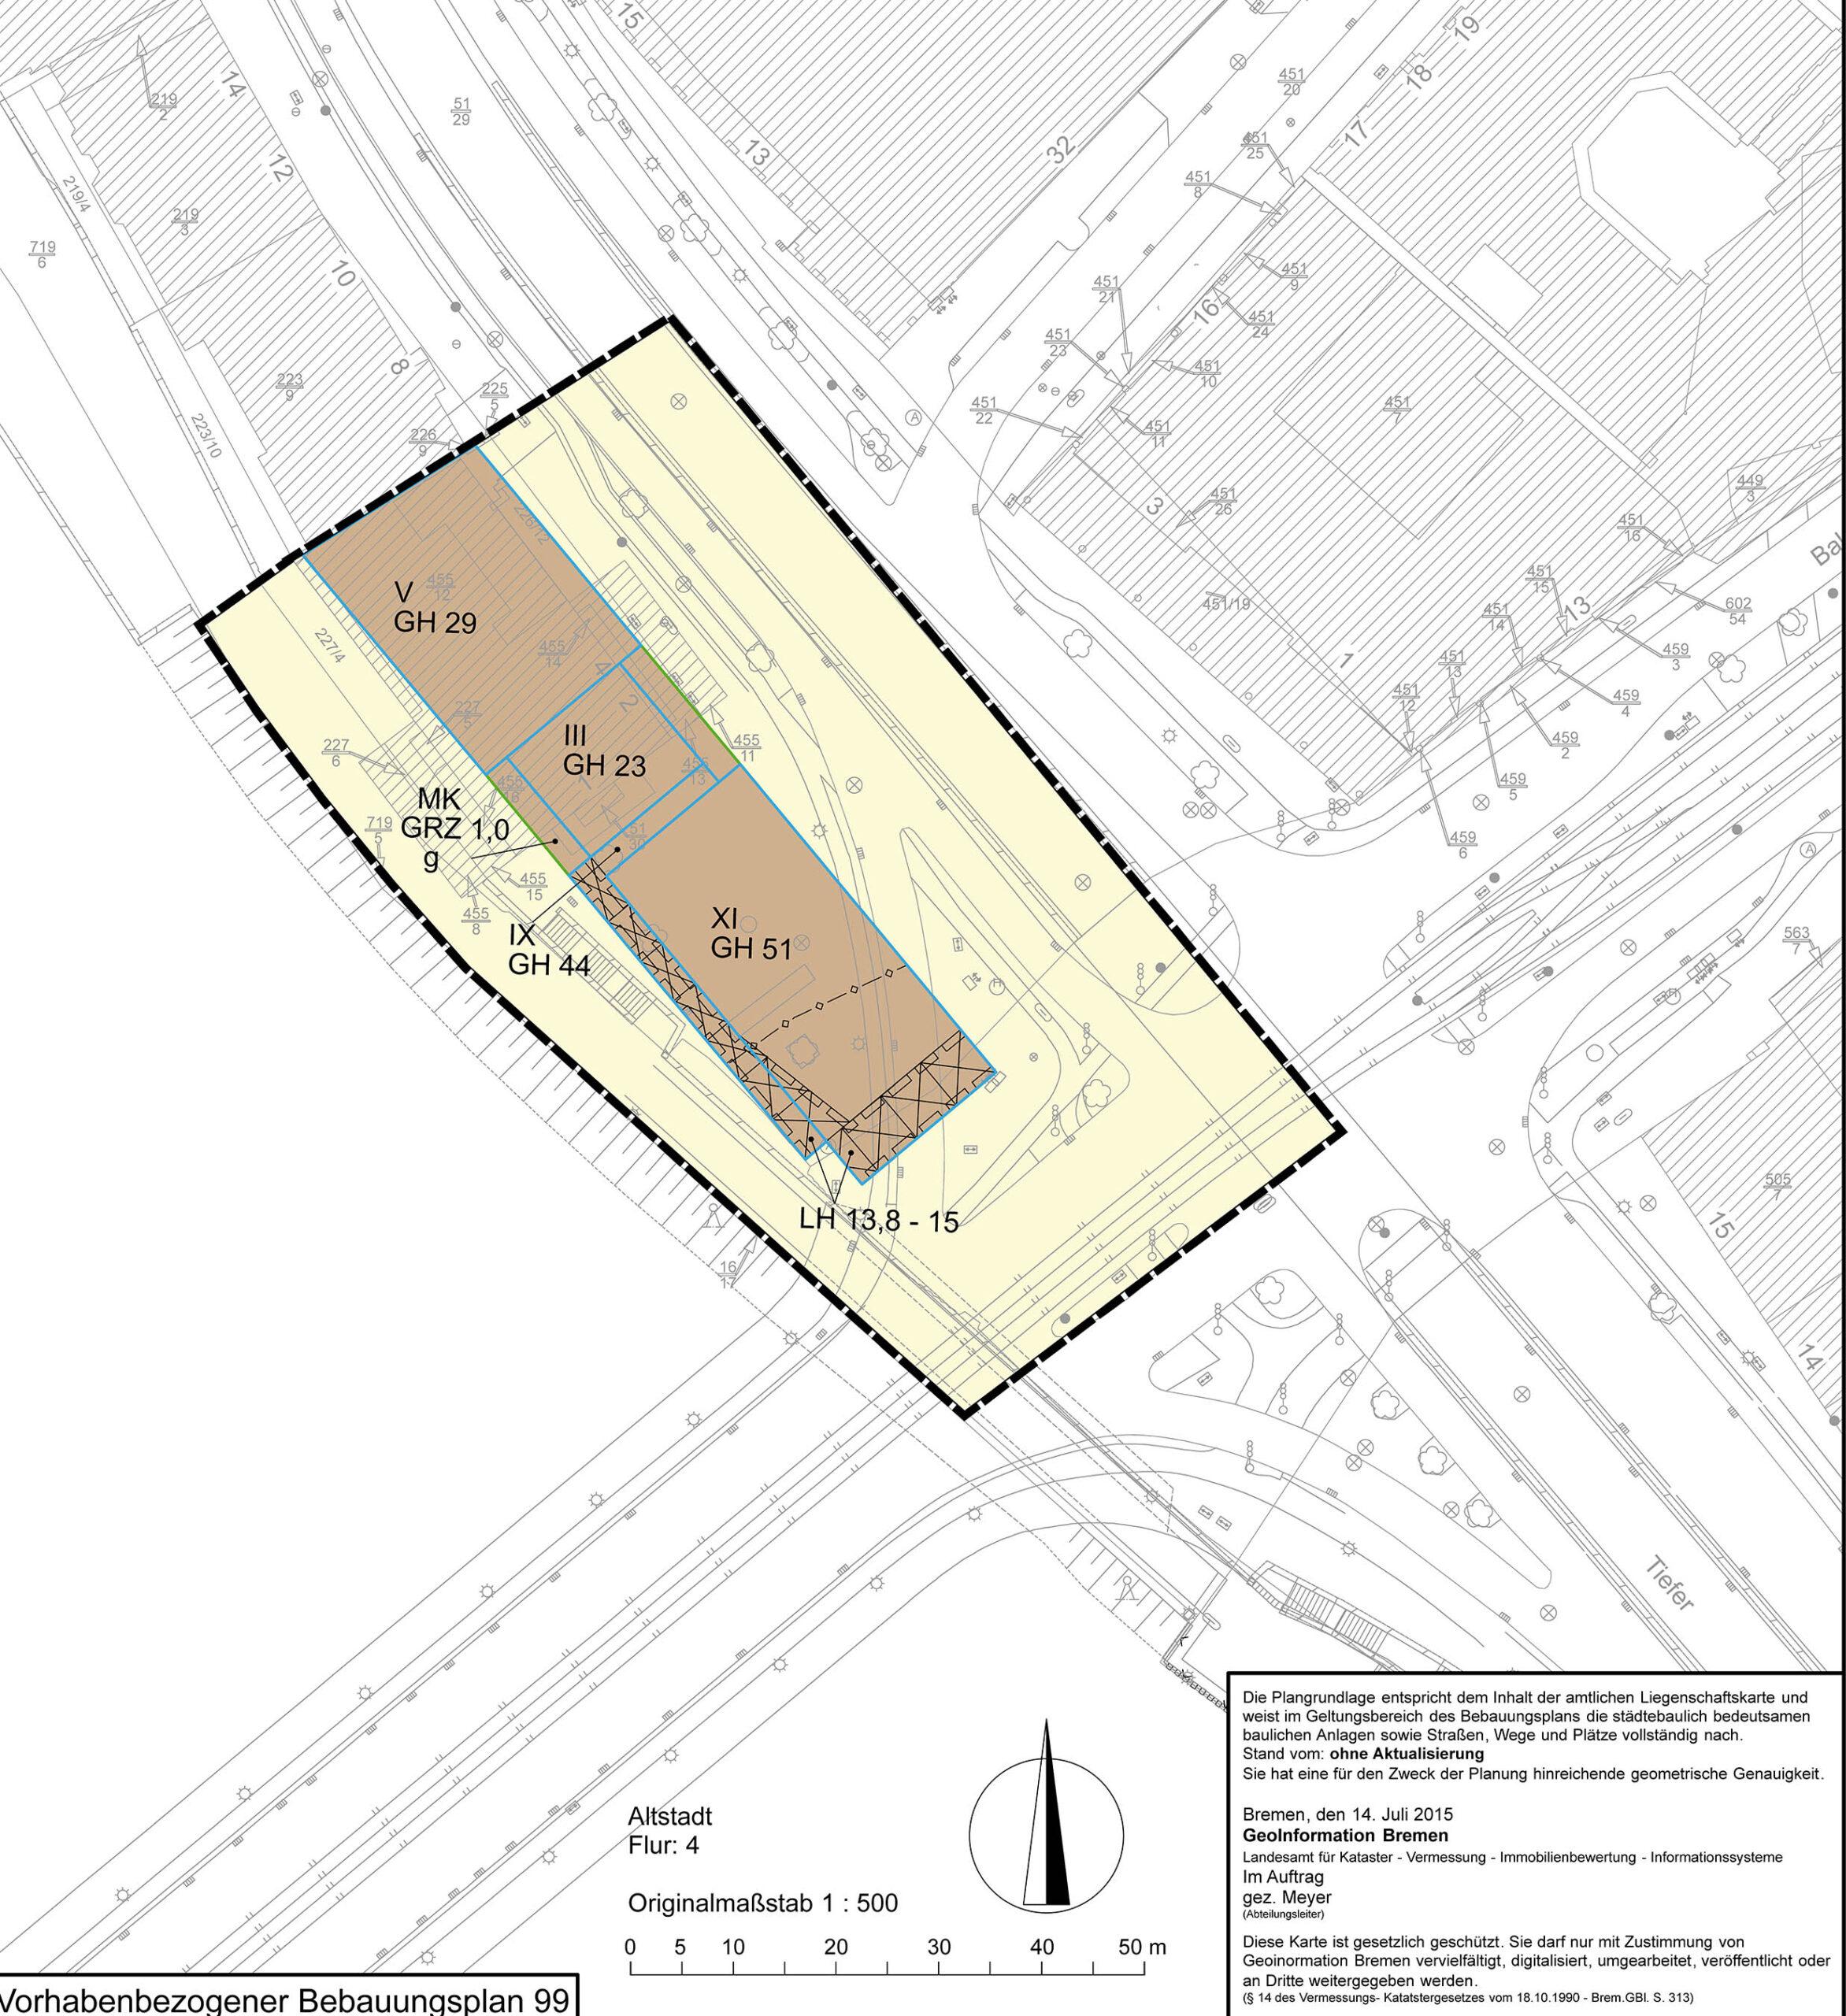 Vorhabenbezogener Bebauungsplan Bremen 99, Freie Hansestadt Bremen